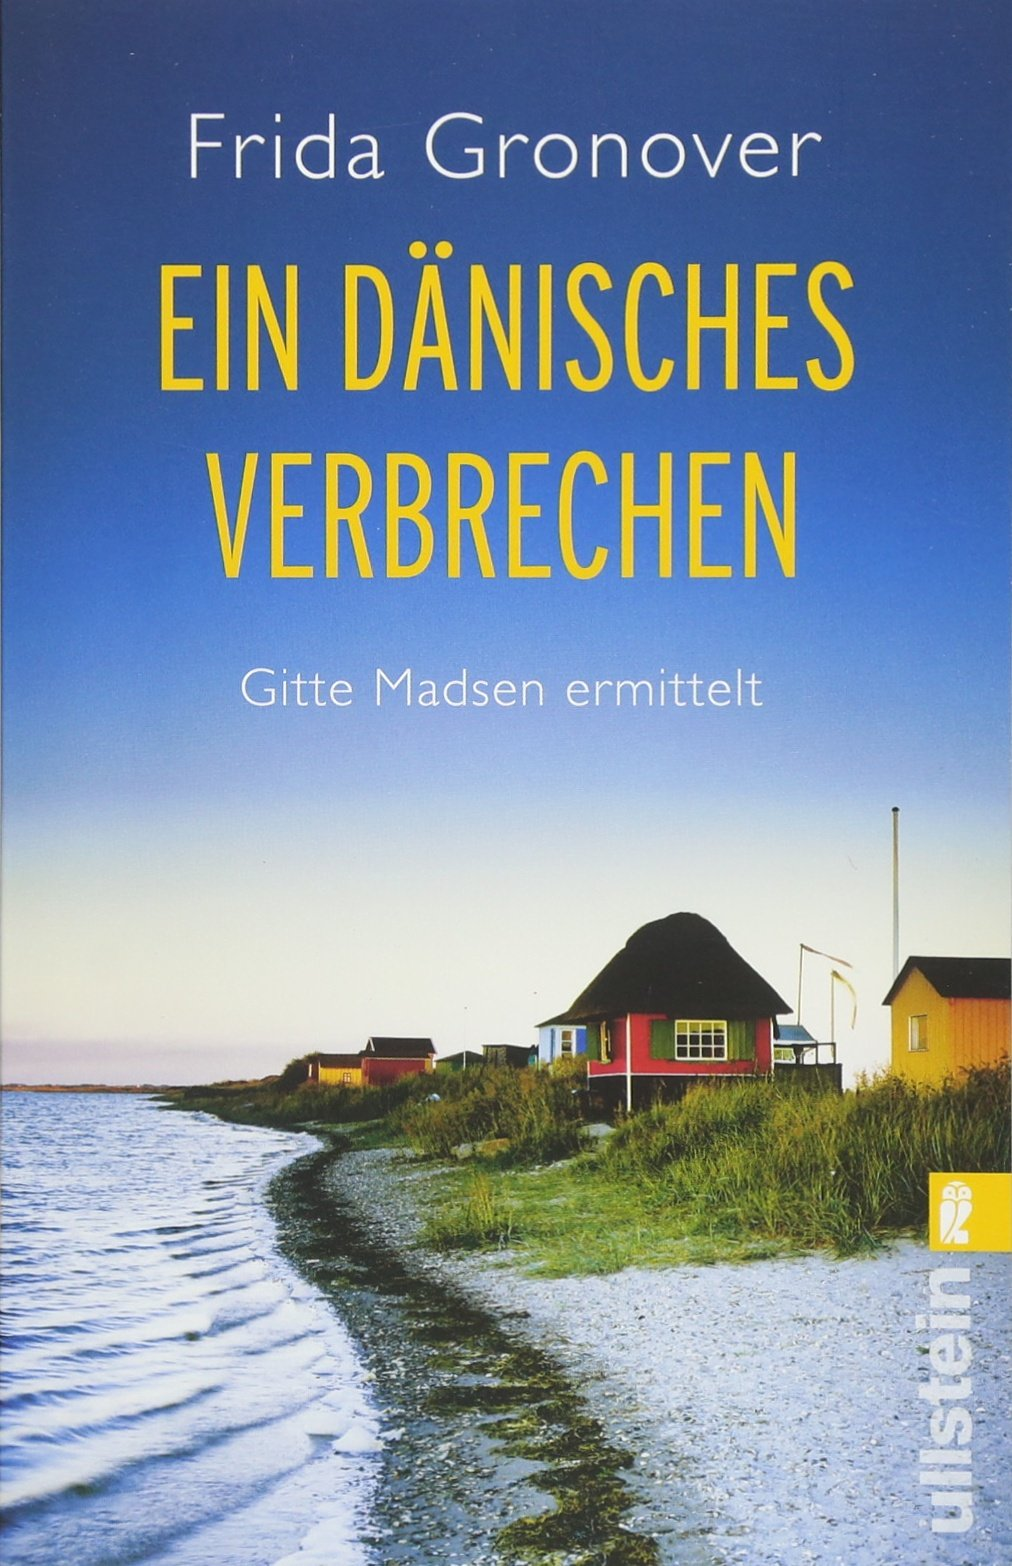 Ein dänisches Verbrechen: Gitte Madsen ermittelt Taschenbuch – 8. Juni 2018 Frida Gronover Ullstein Taschenbuch 3548289673 Belletristik / Kriminalromane